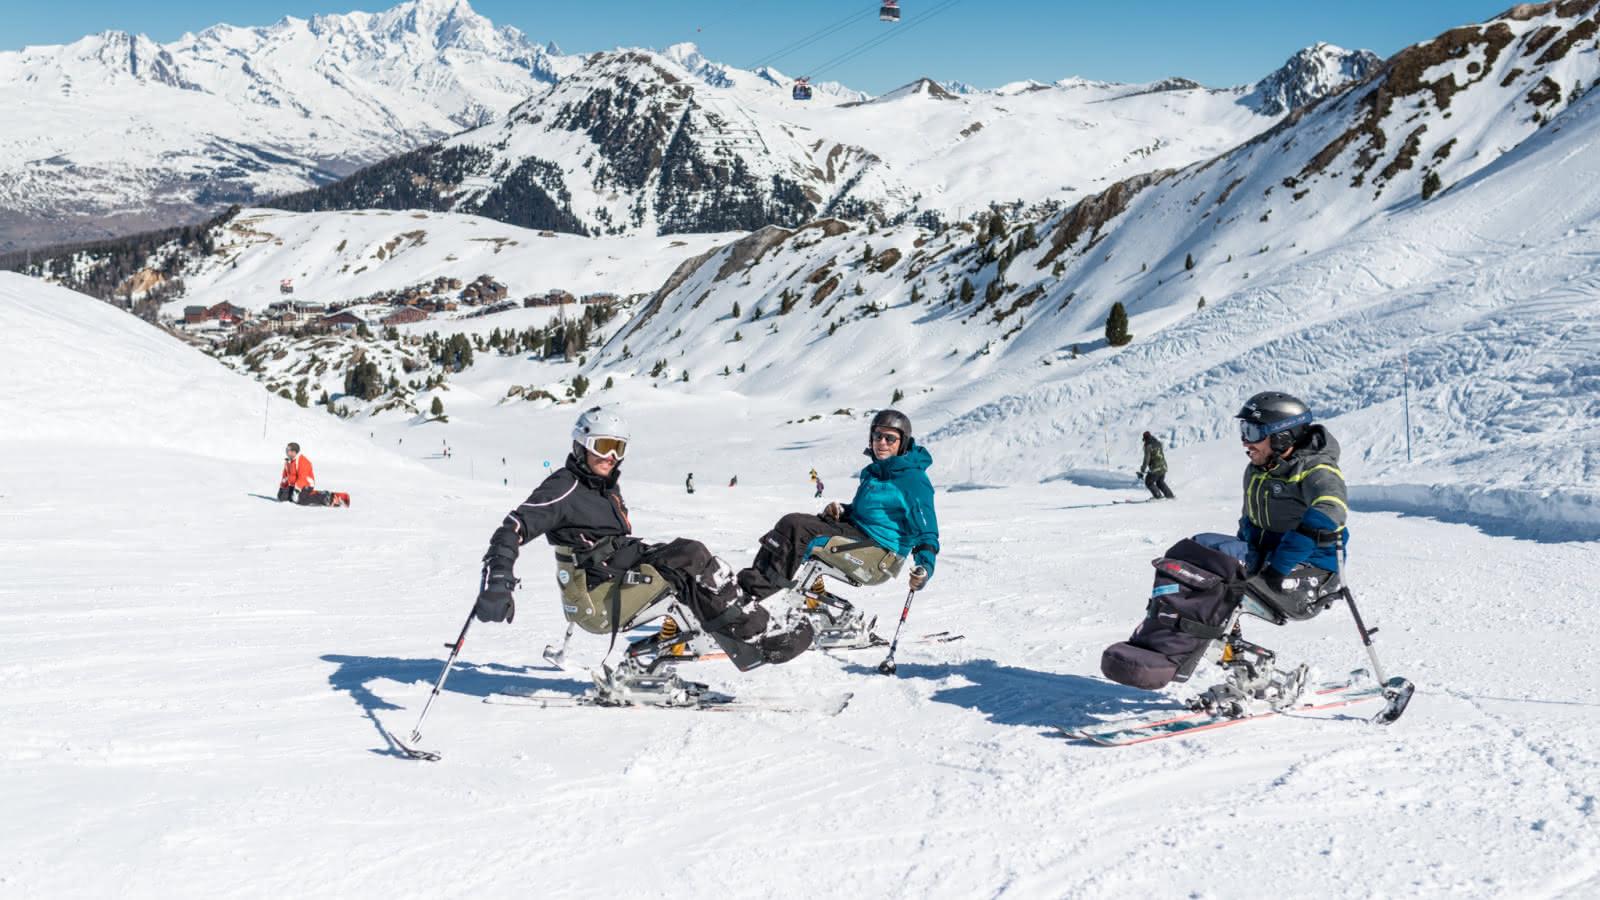 Starski vous propose des cours de ski assis avec du matériel moderne et de qualité.